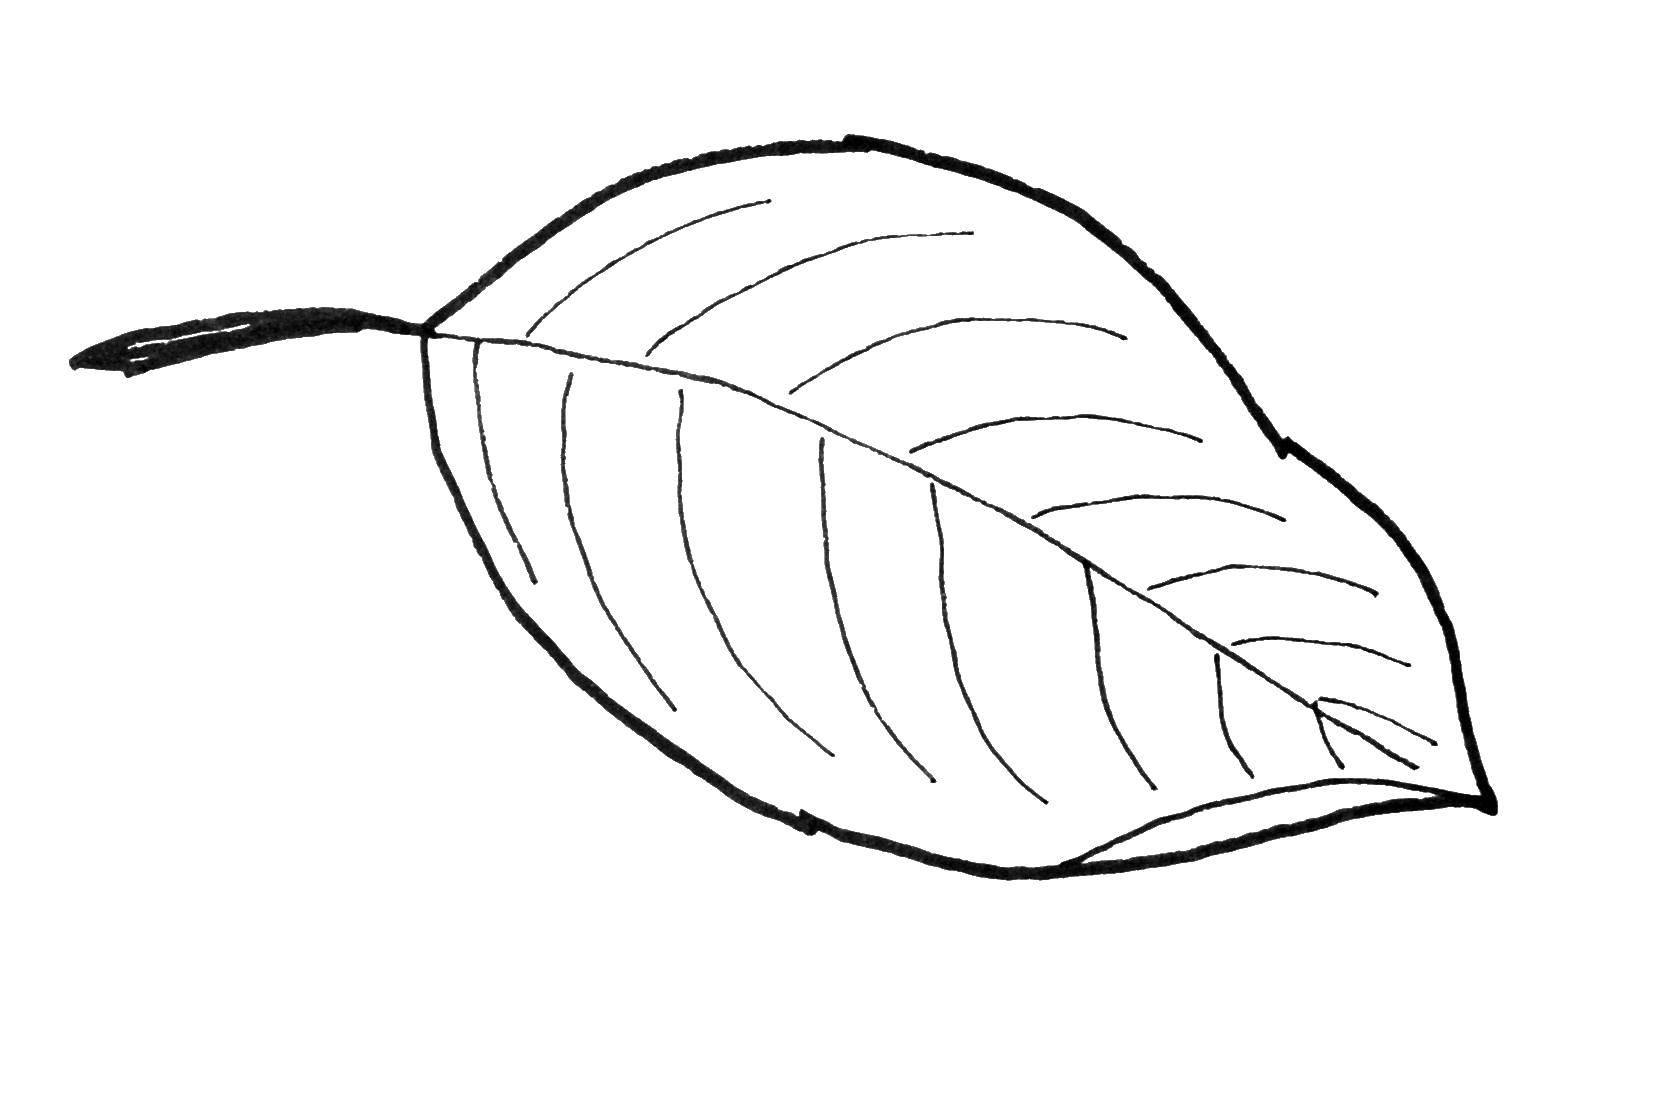 Раскраска Контуры листьев деревьев Скачать сердце.  Распечатать ,Я тебя люблю,